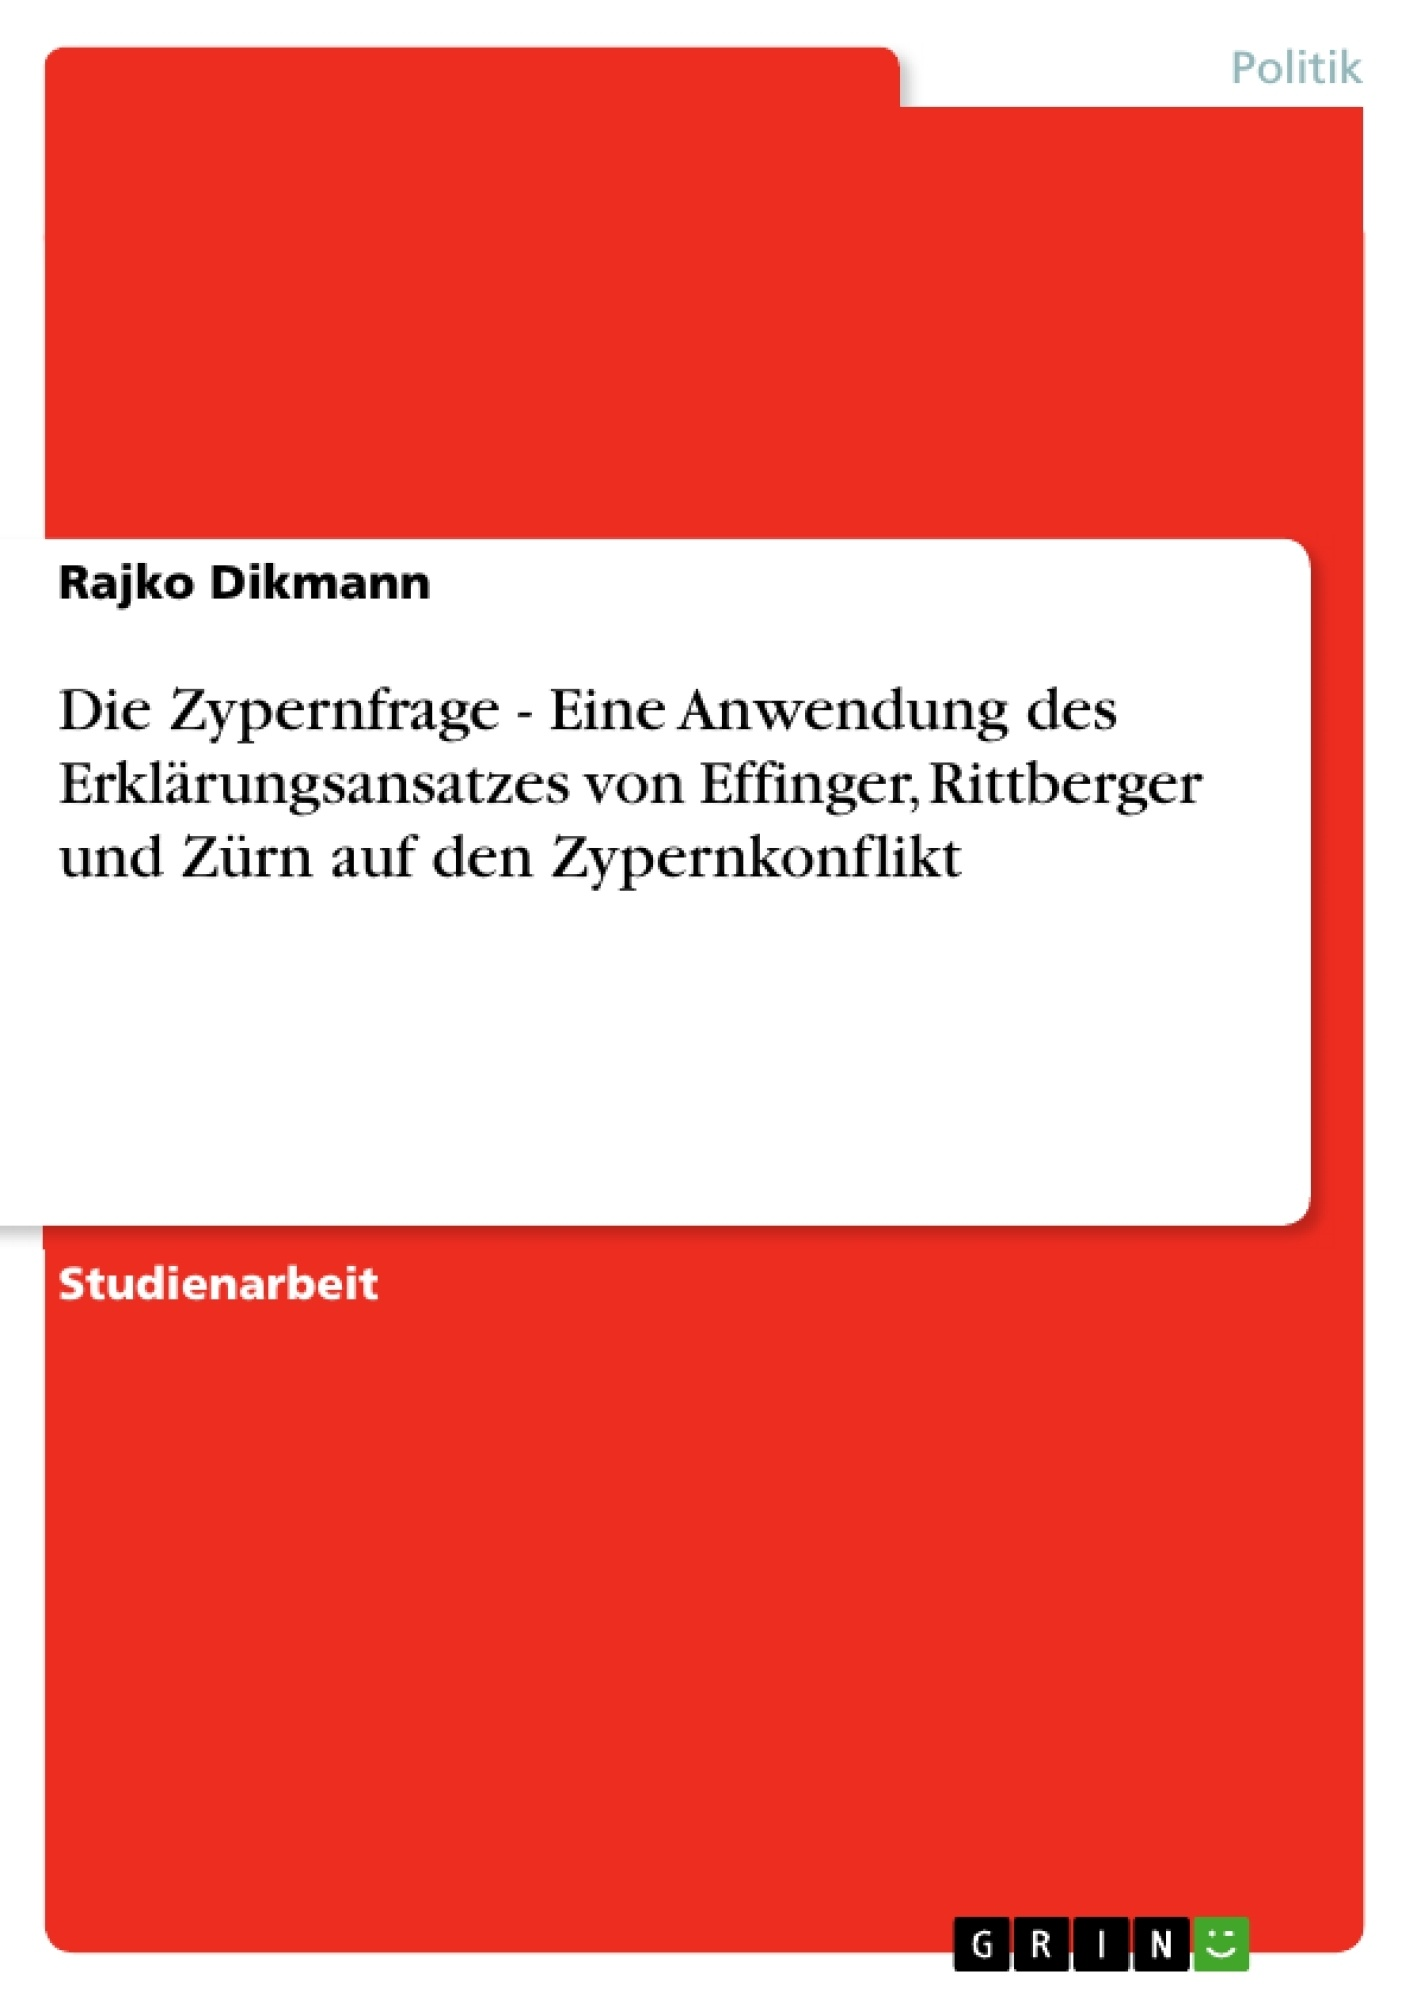 Titel: Die Zypernfrage - Eine Anwendung des Erklärungsansatzes von Effinger, Rittberger und Zürn auf den Zypernkonflikt